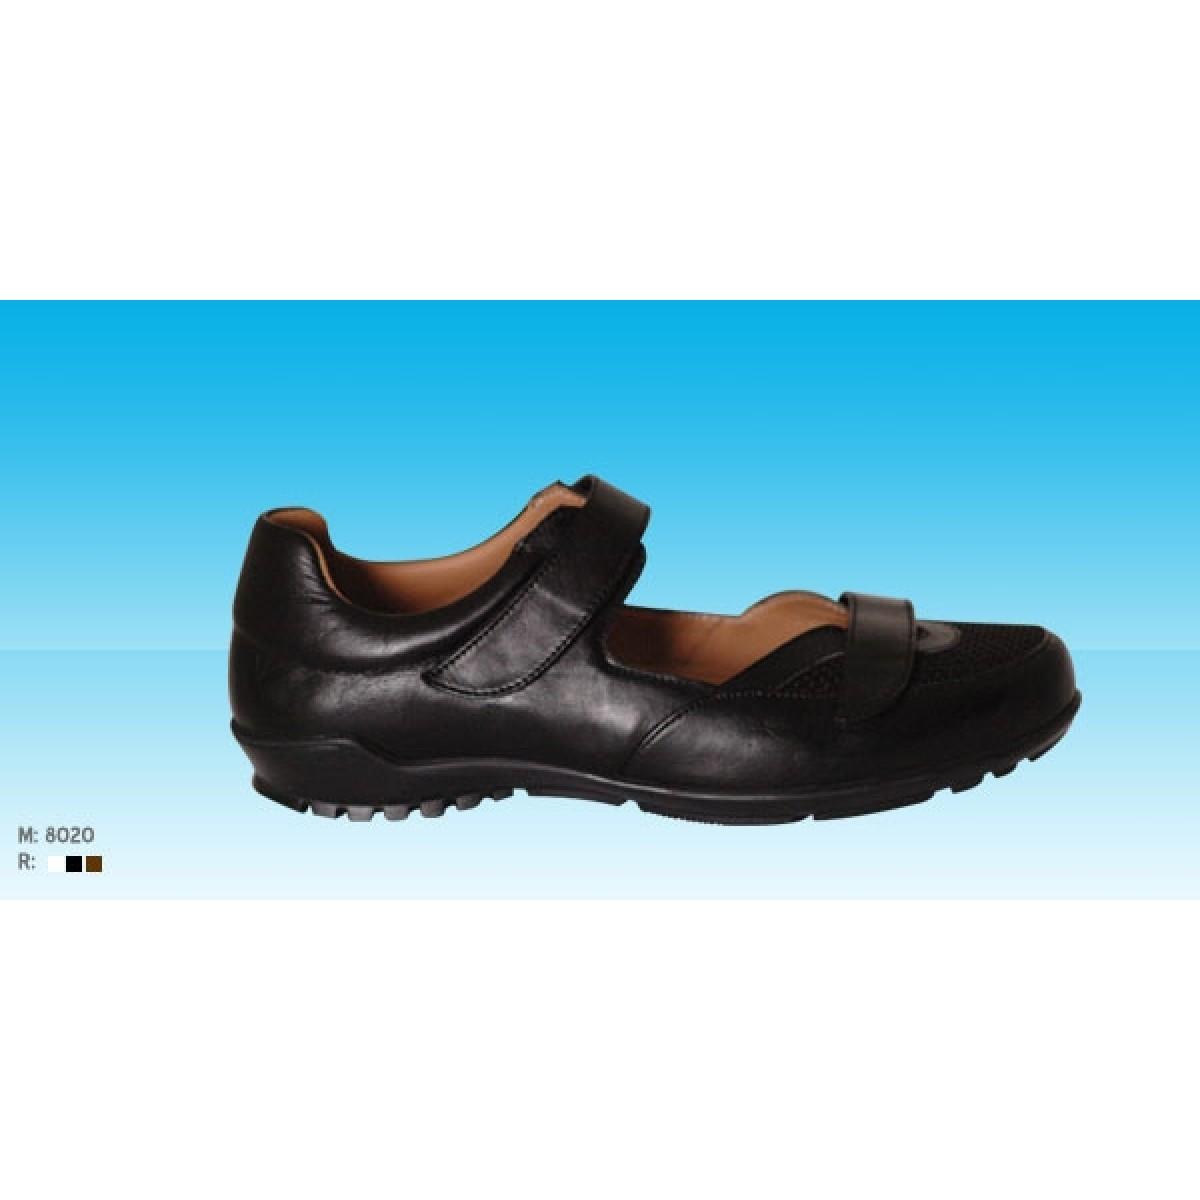 Ges Bayan Yazlık Spor Diyabet Ayakkabısı